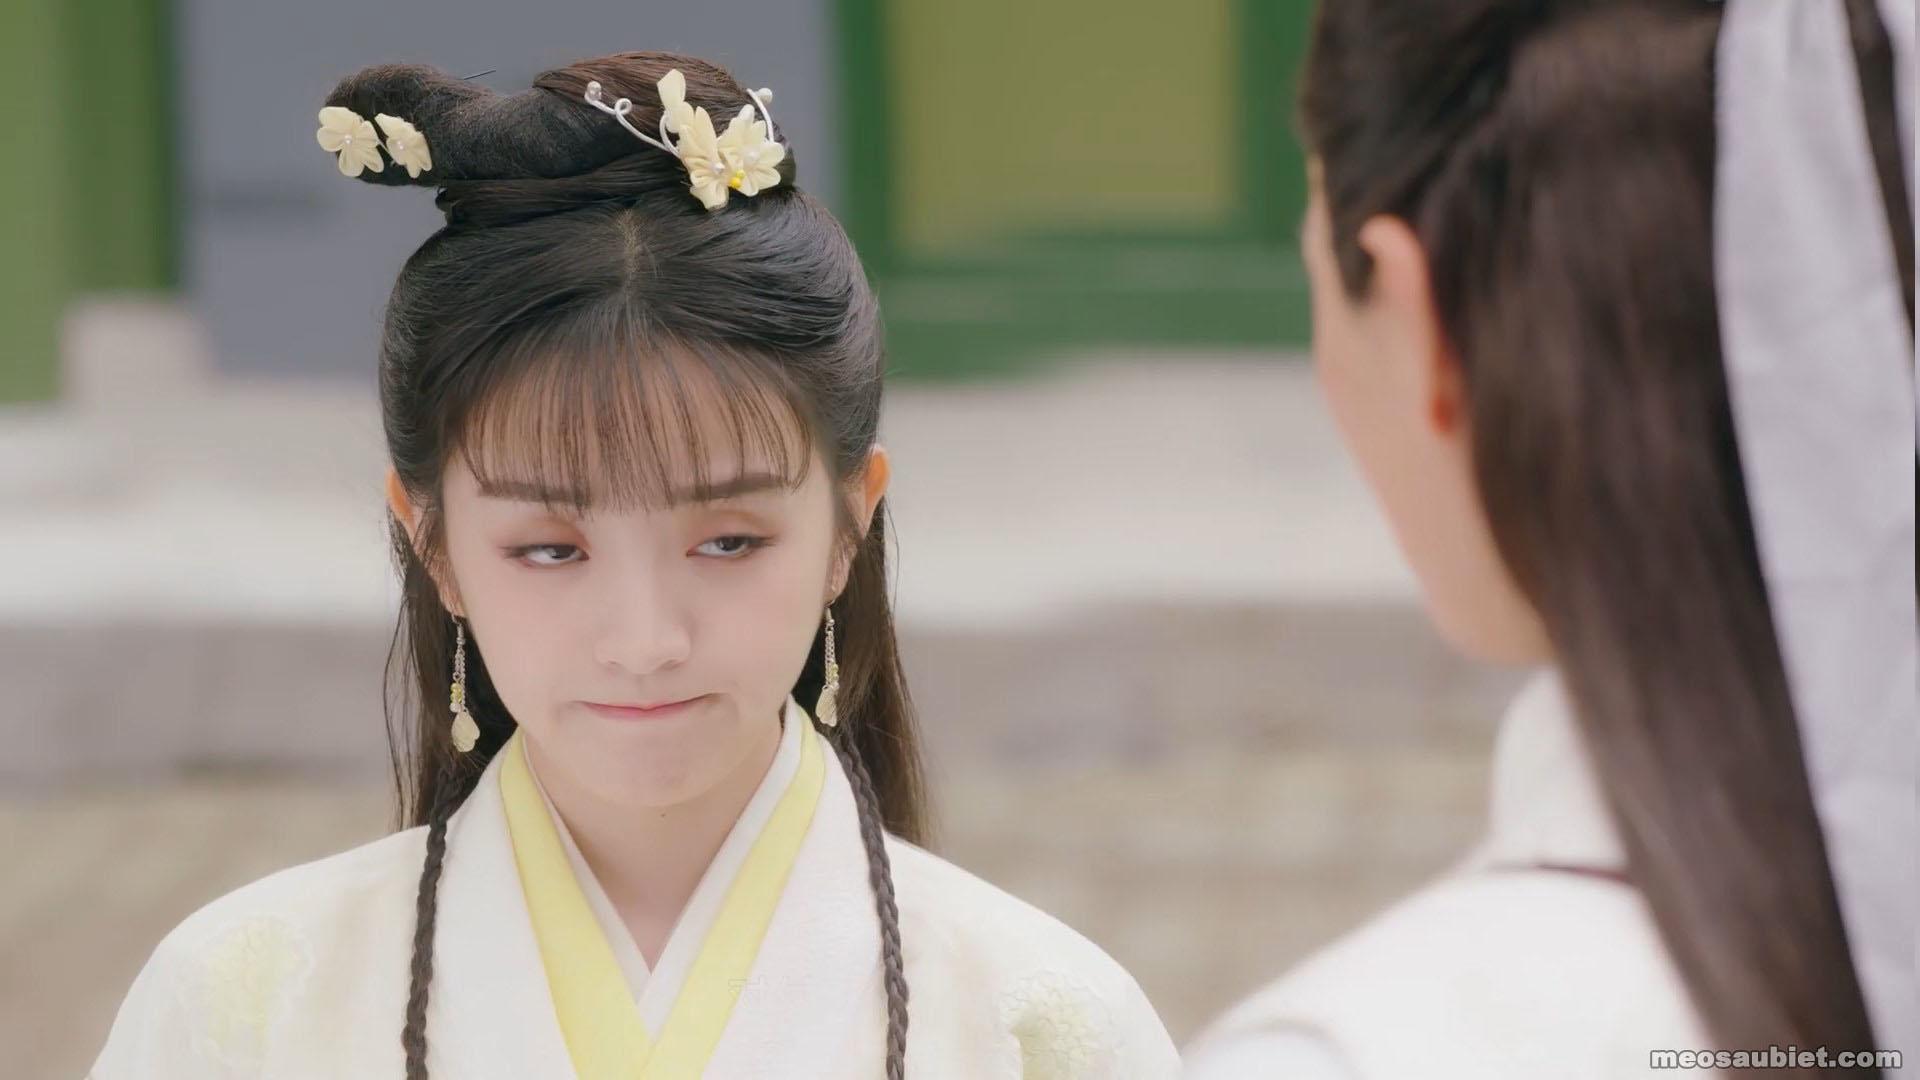 Sủng vật thiếu tướng quân của ta 2021 Điền Hi Vi trong vai Tô Tiểu Hà